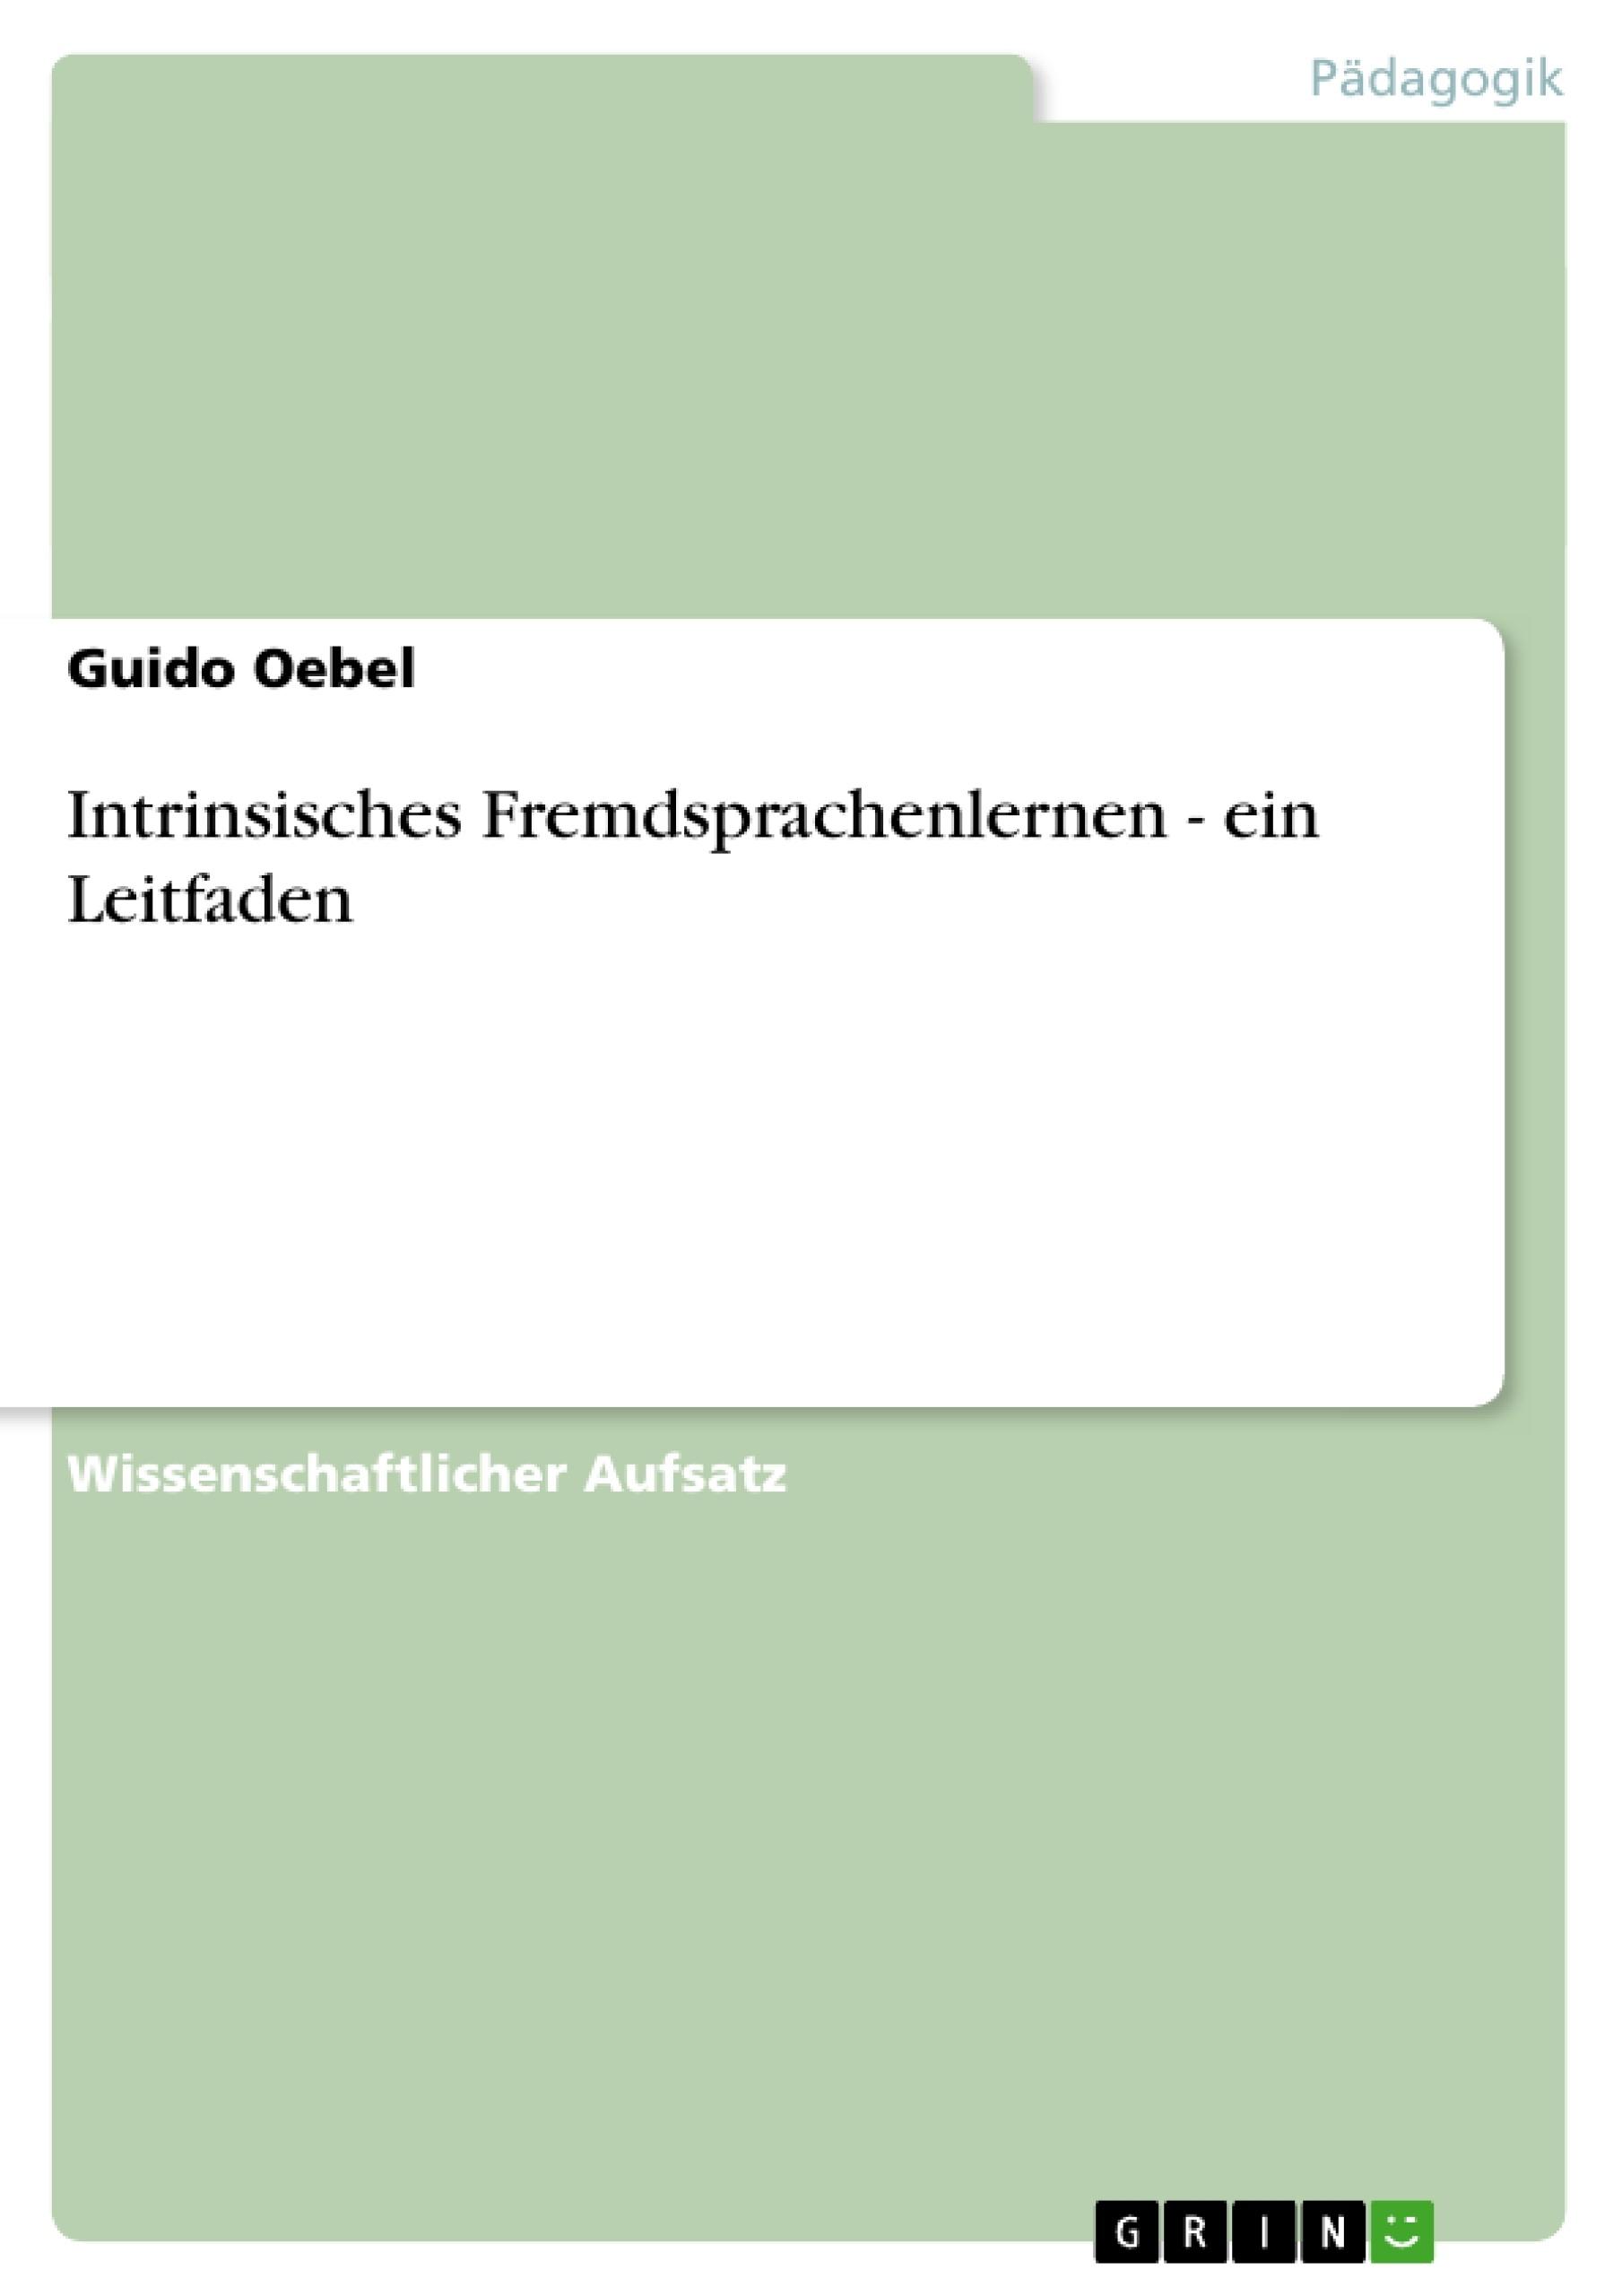 Titel: Intrinsisches Fremdsprachenlernen - ein Leitfaden